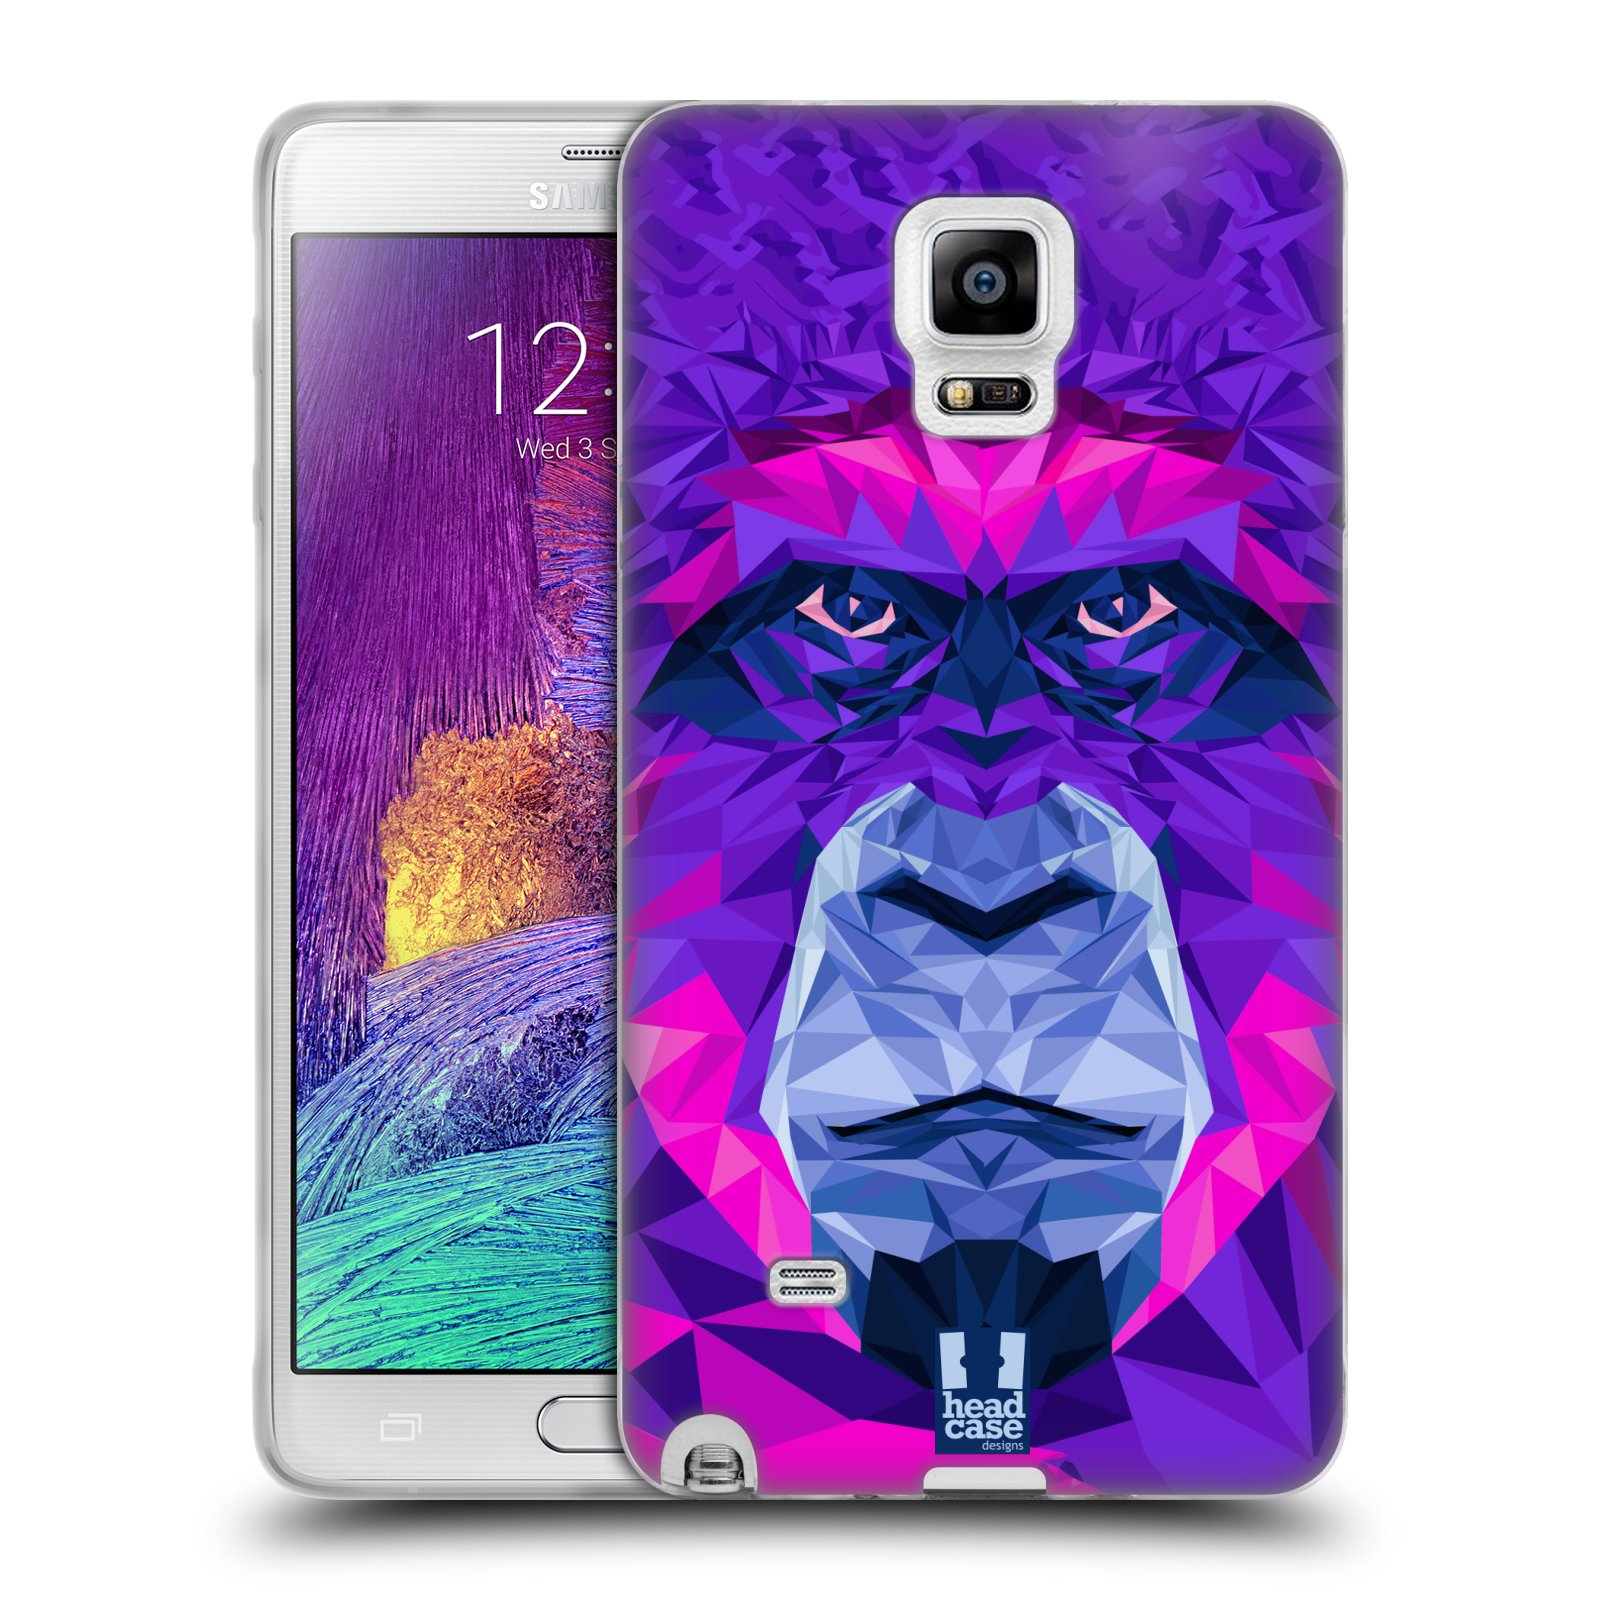 HEAD CASE silikonový obal na mobil Samsung Galaxy Note 4 (N910) vzor Geometrická zvířata 2 Orangutan